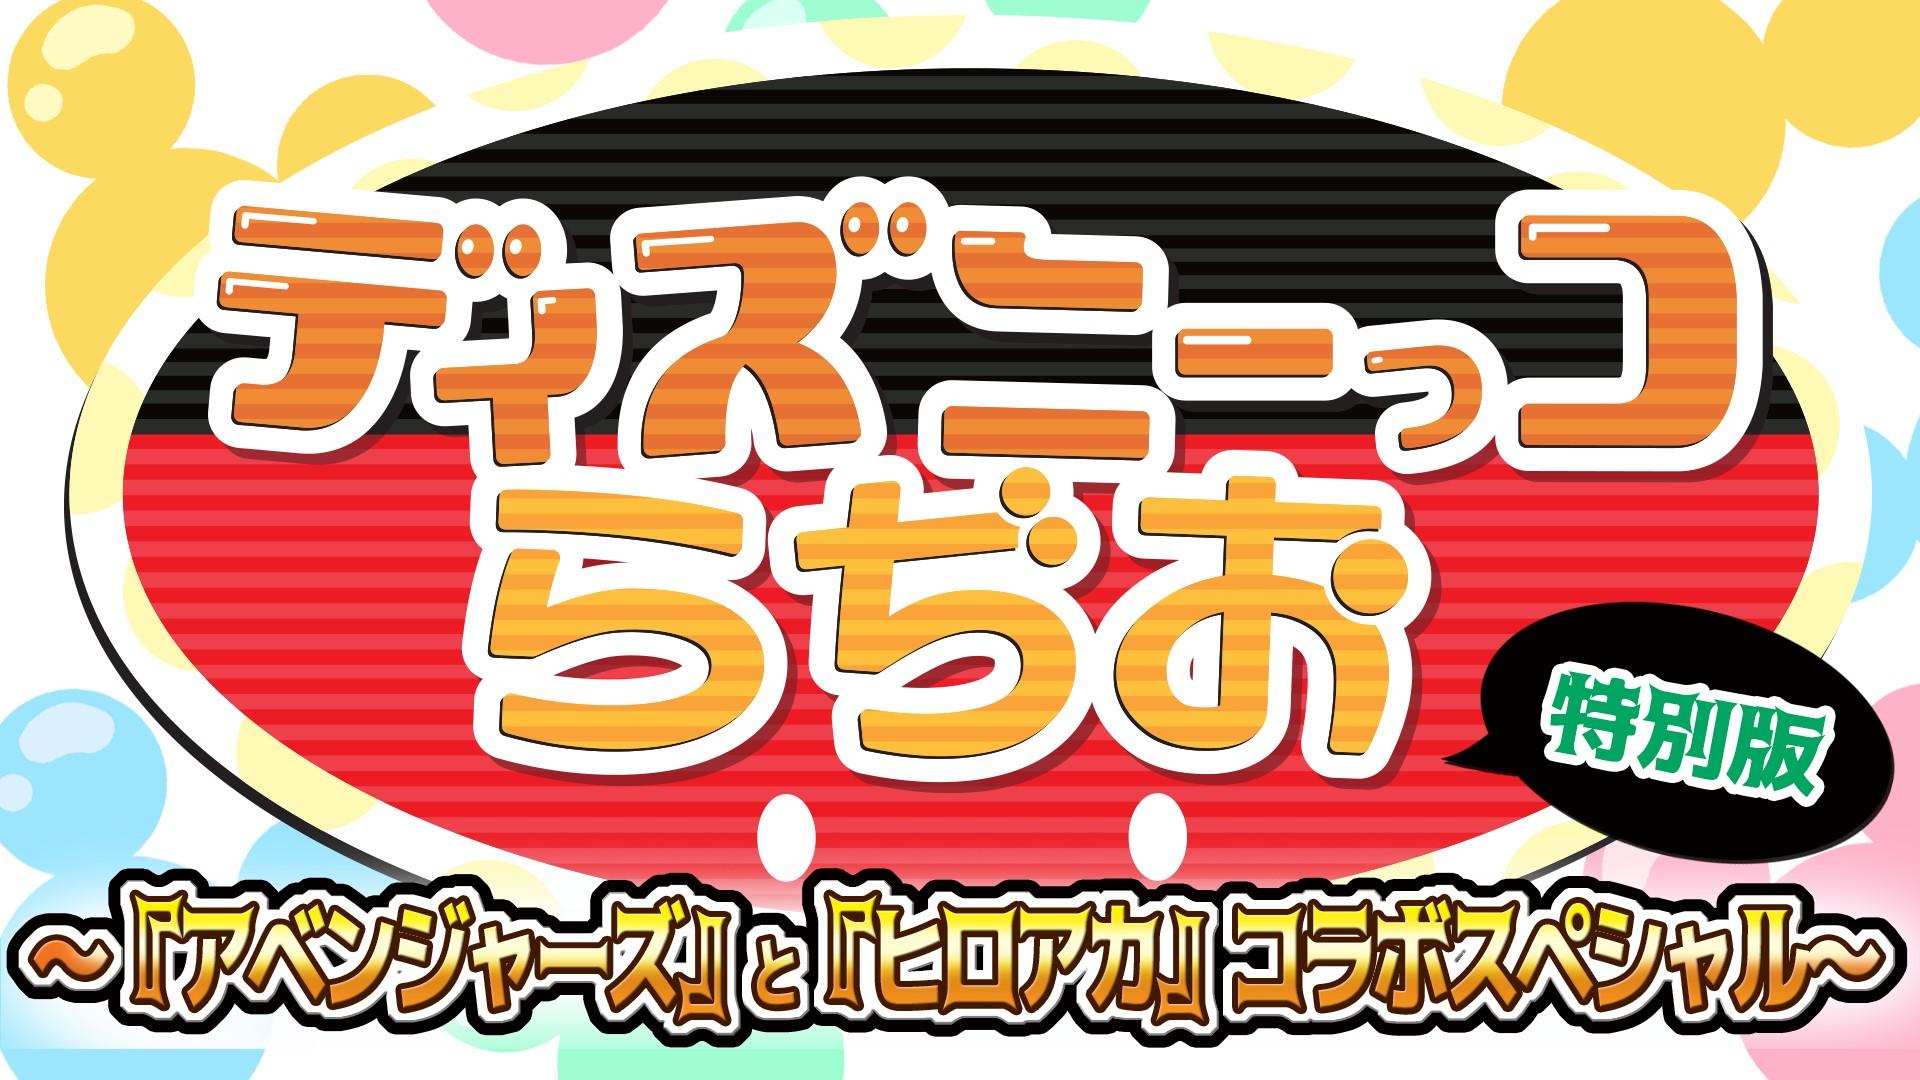 【三宅健太】ディズニーっコらぢお特別版~『アベンジャーズ』と『ヒロアカ』コラボスペシャル